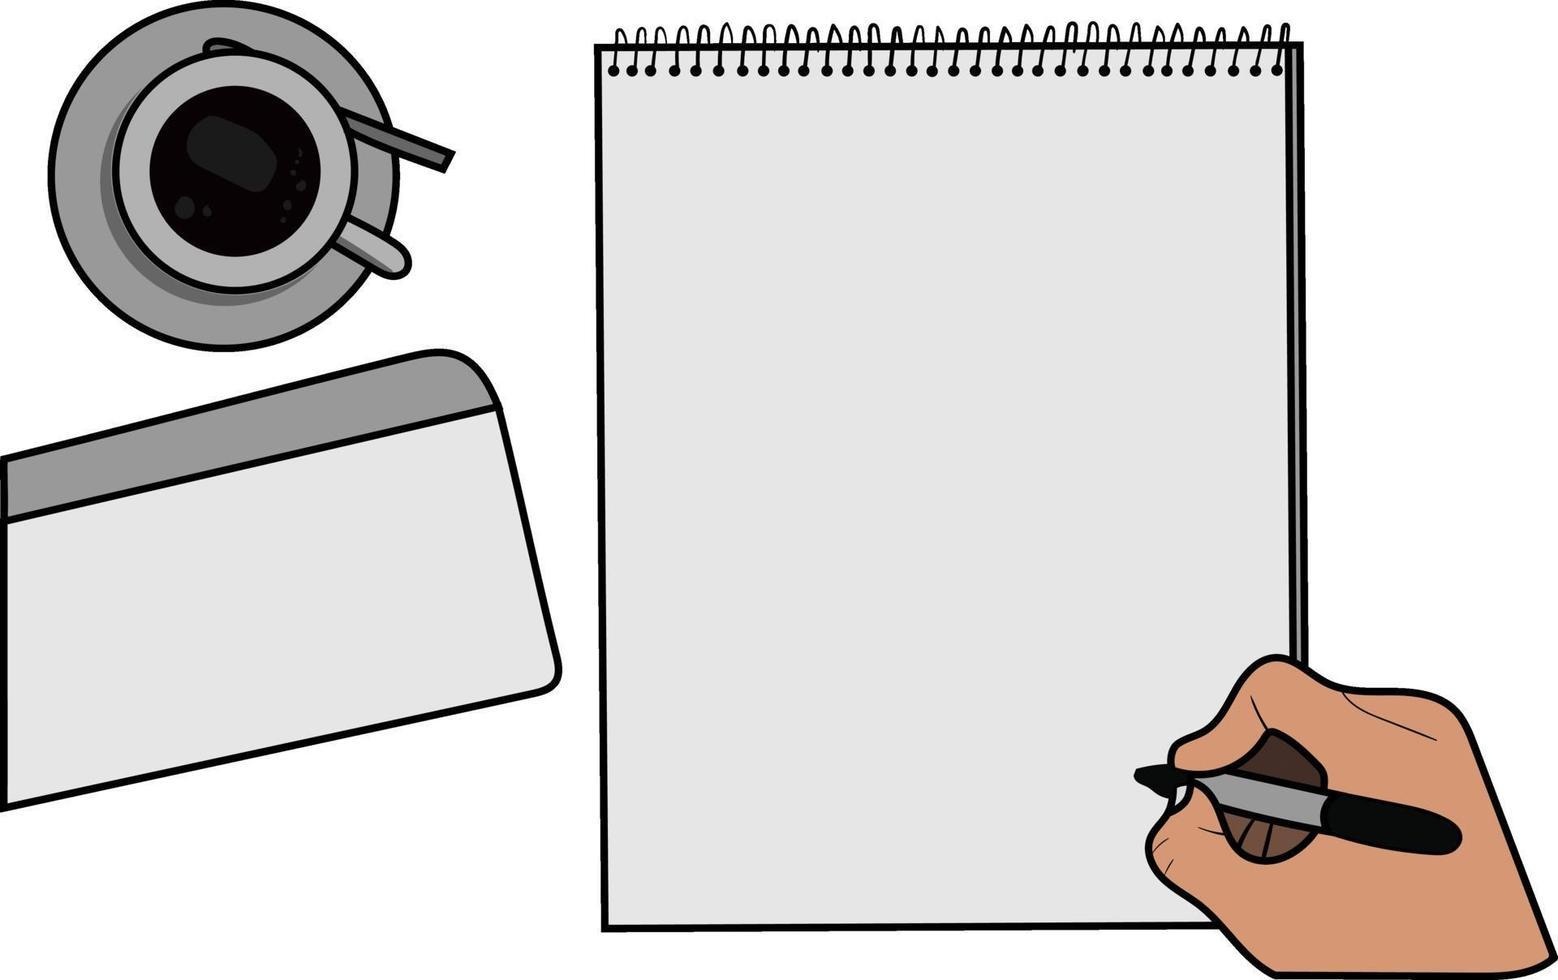 papieren mockup met een kopje koffie, envelop en een hand met een pen vector